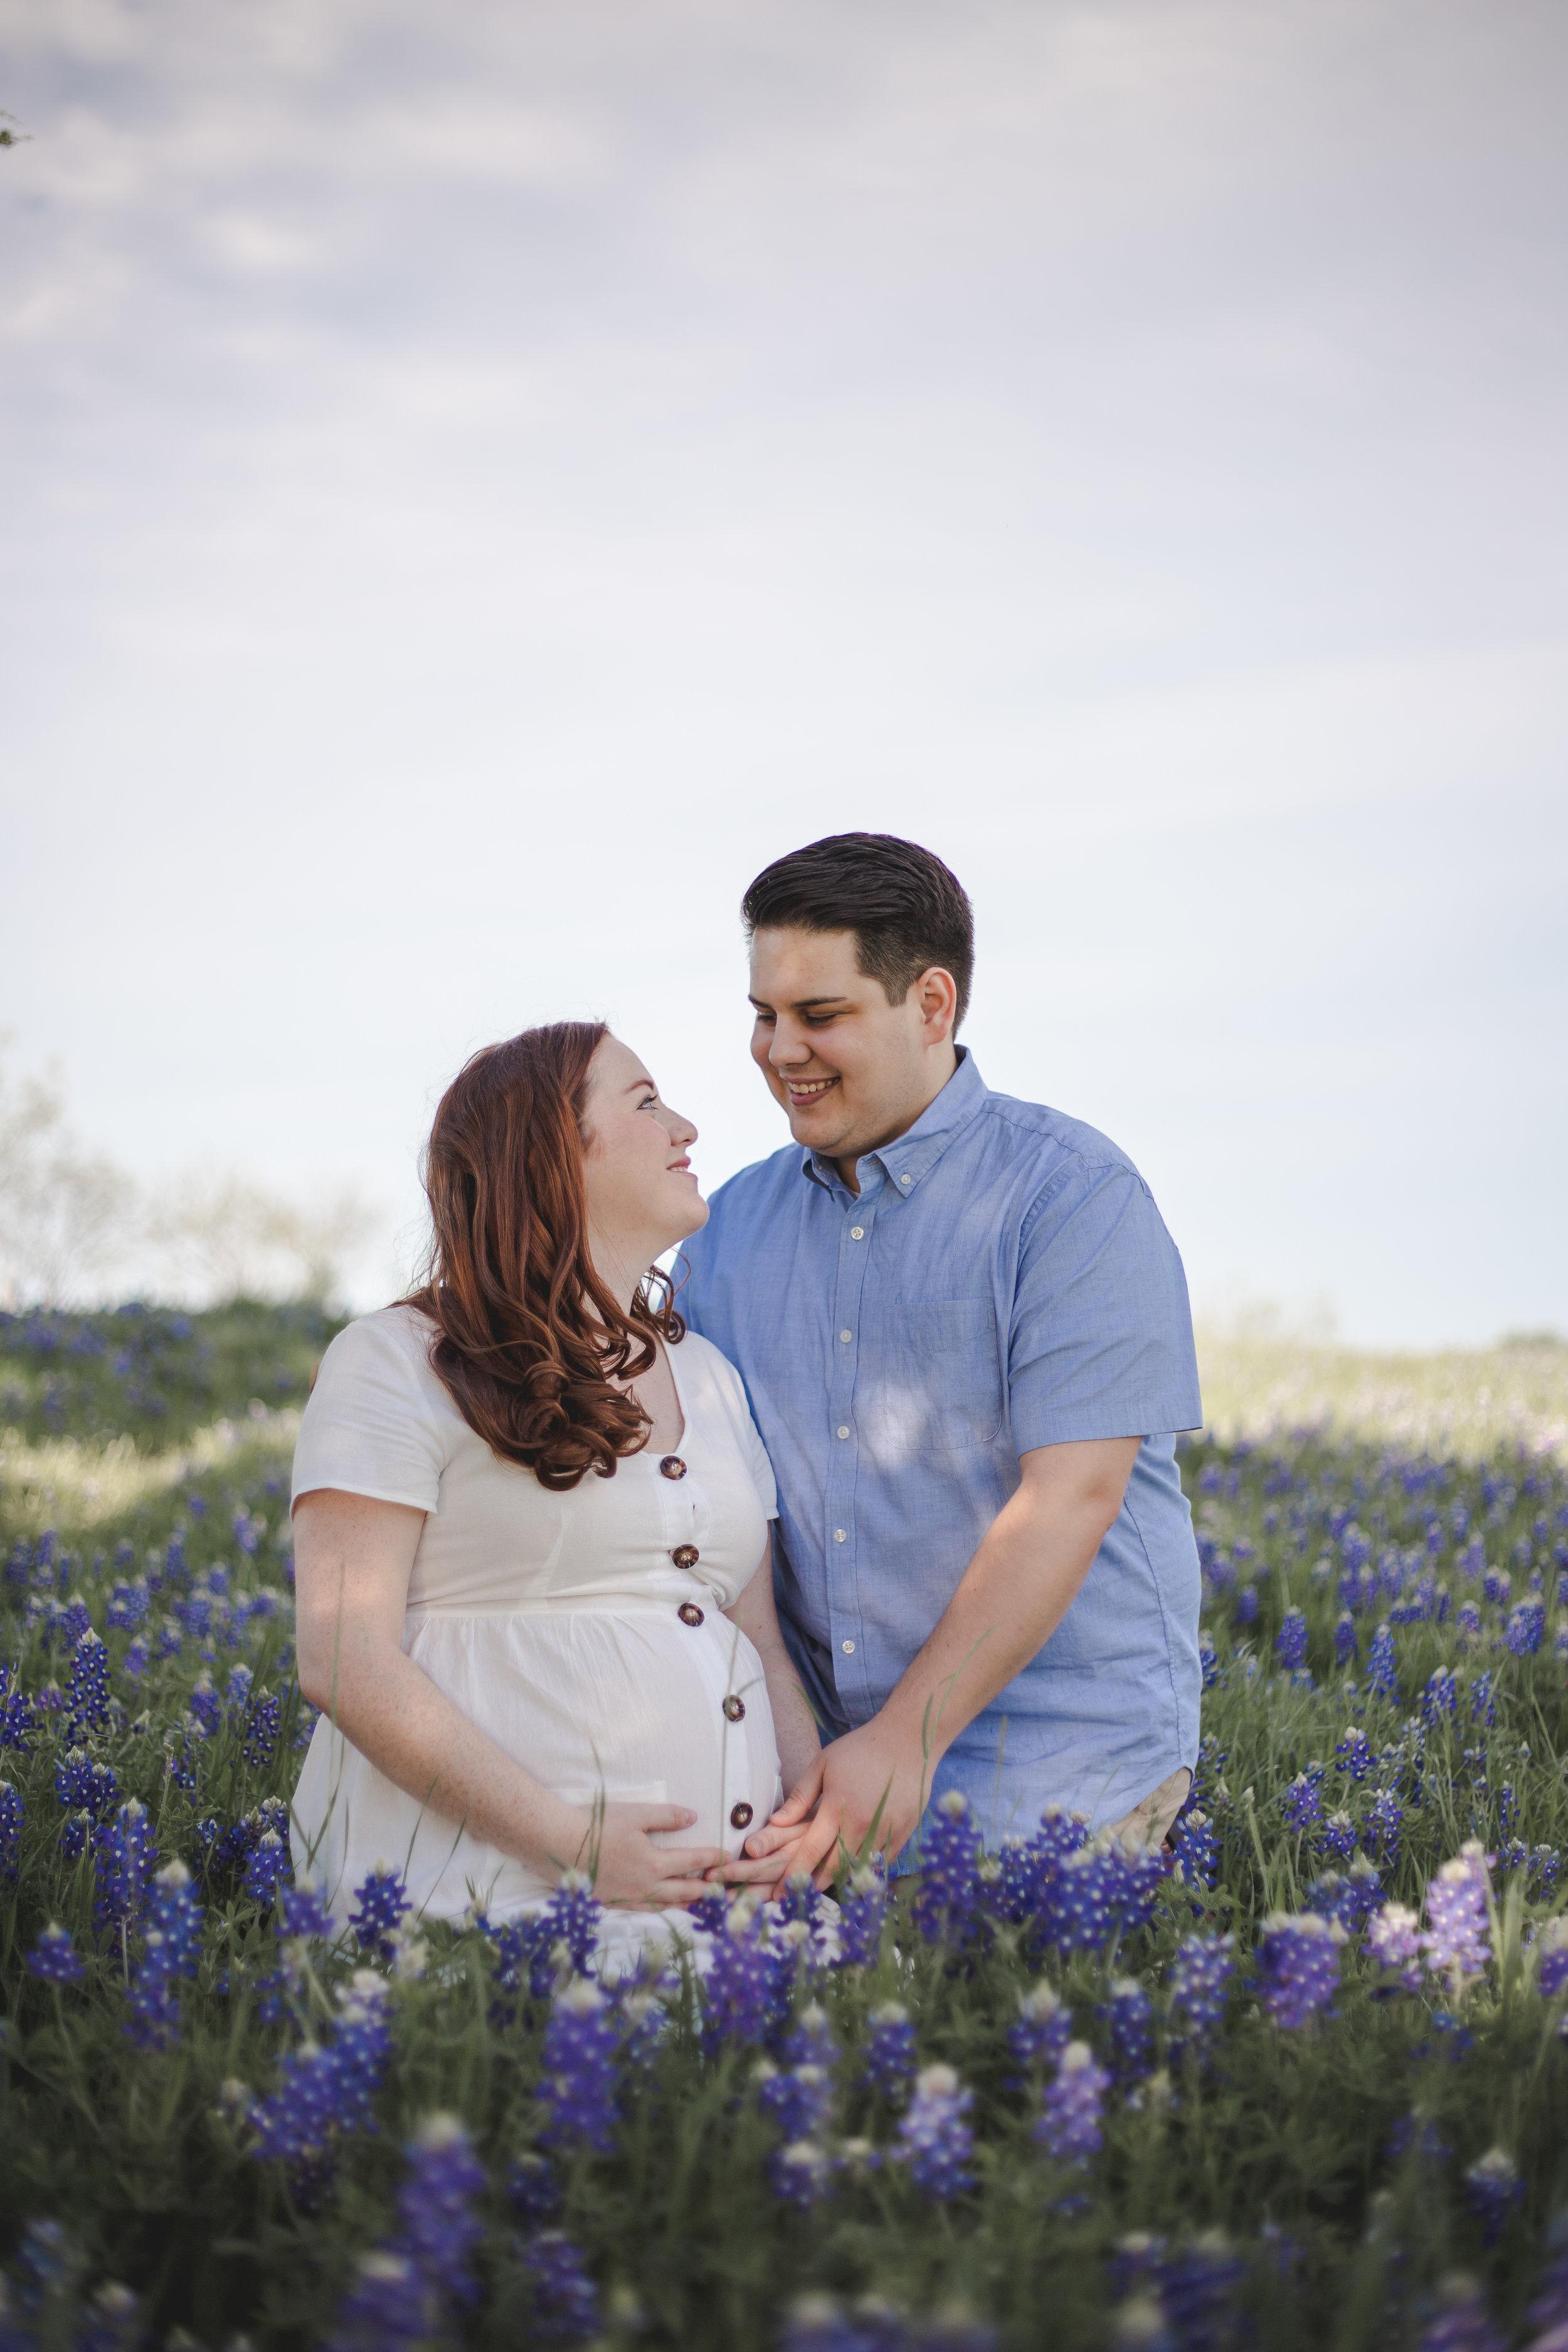 ennis bluebonnet photographer texas maternity photography